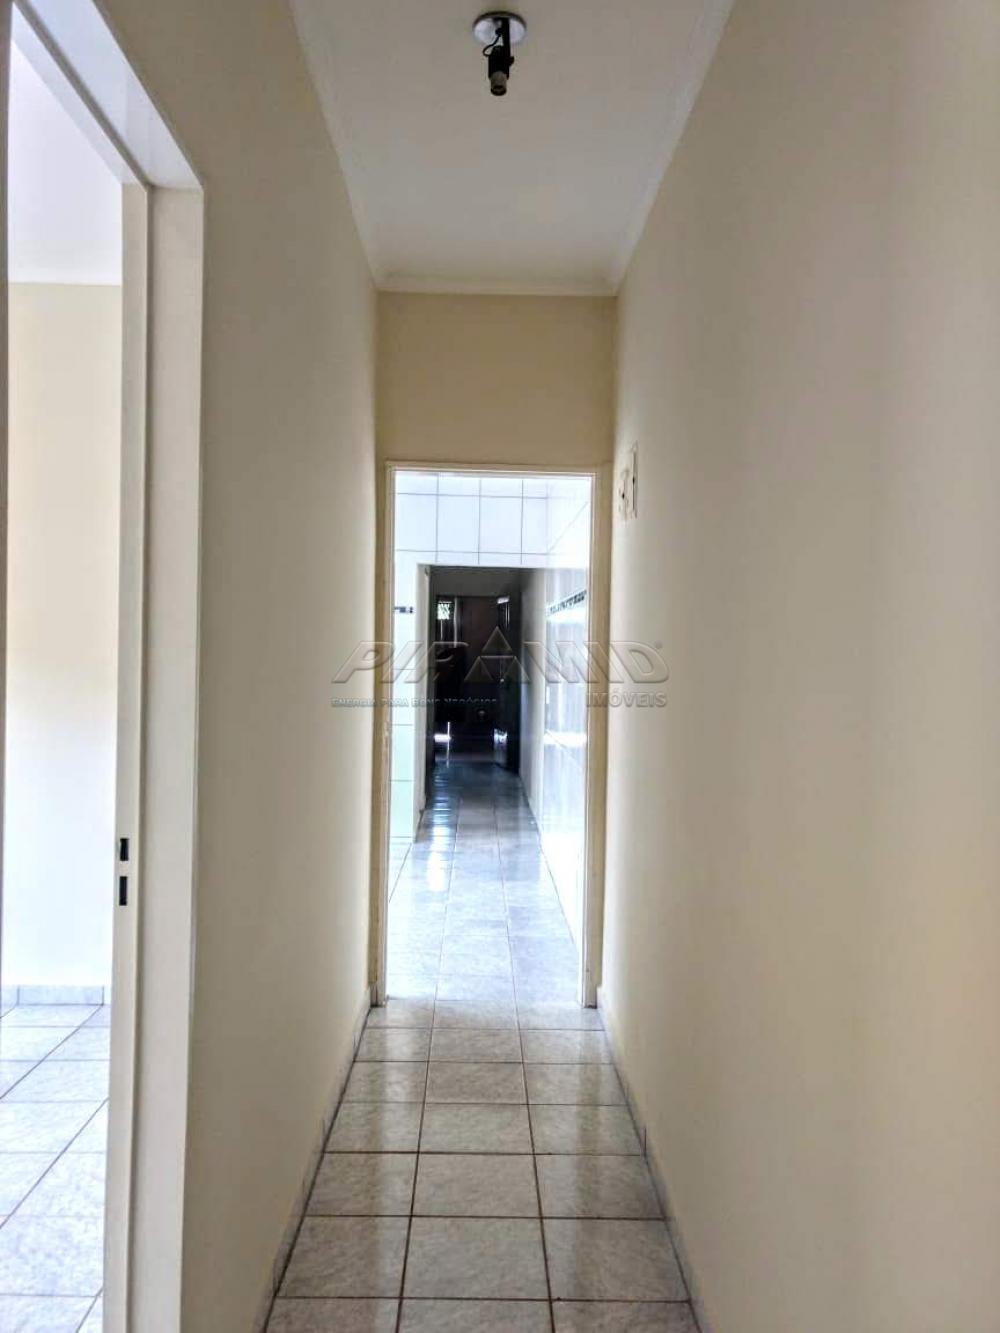 Comprar Casa / Padrão em Ribeirão Preto apenas R$ 155.000,00 - Foto 11